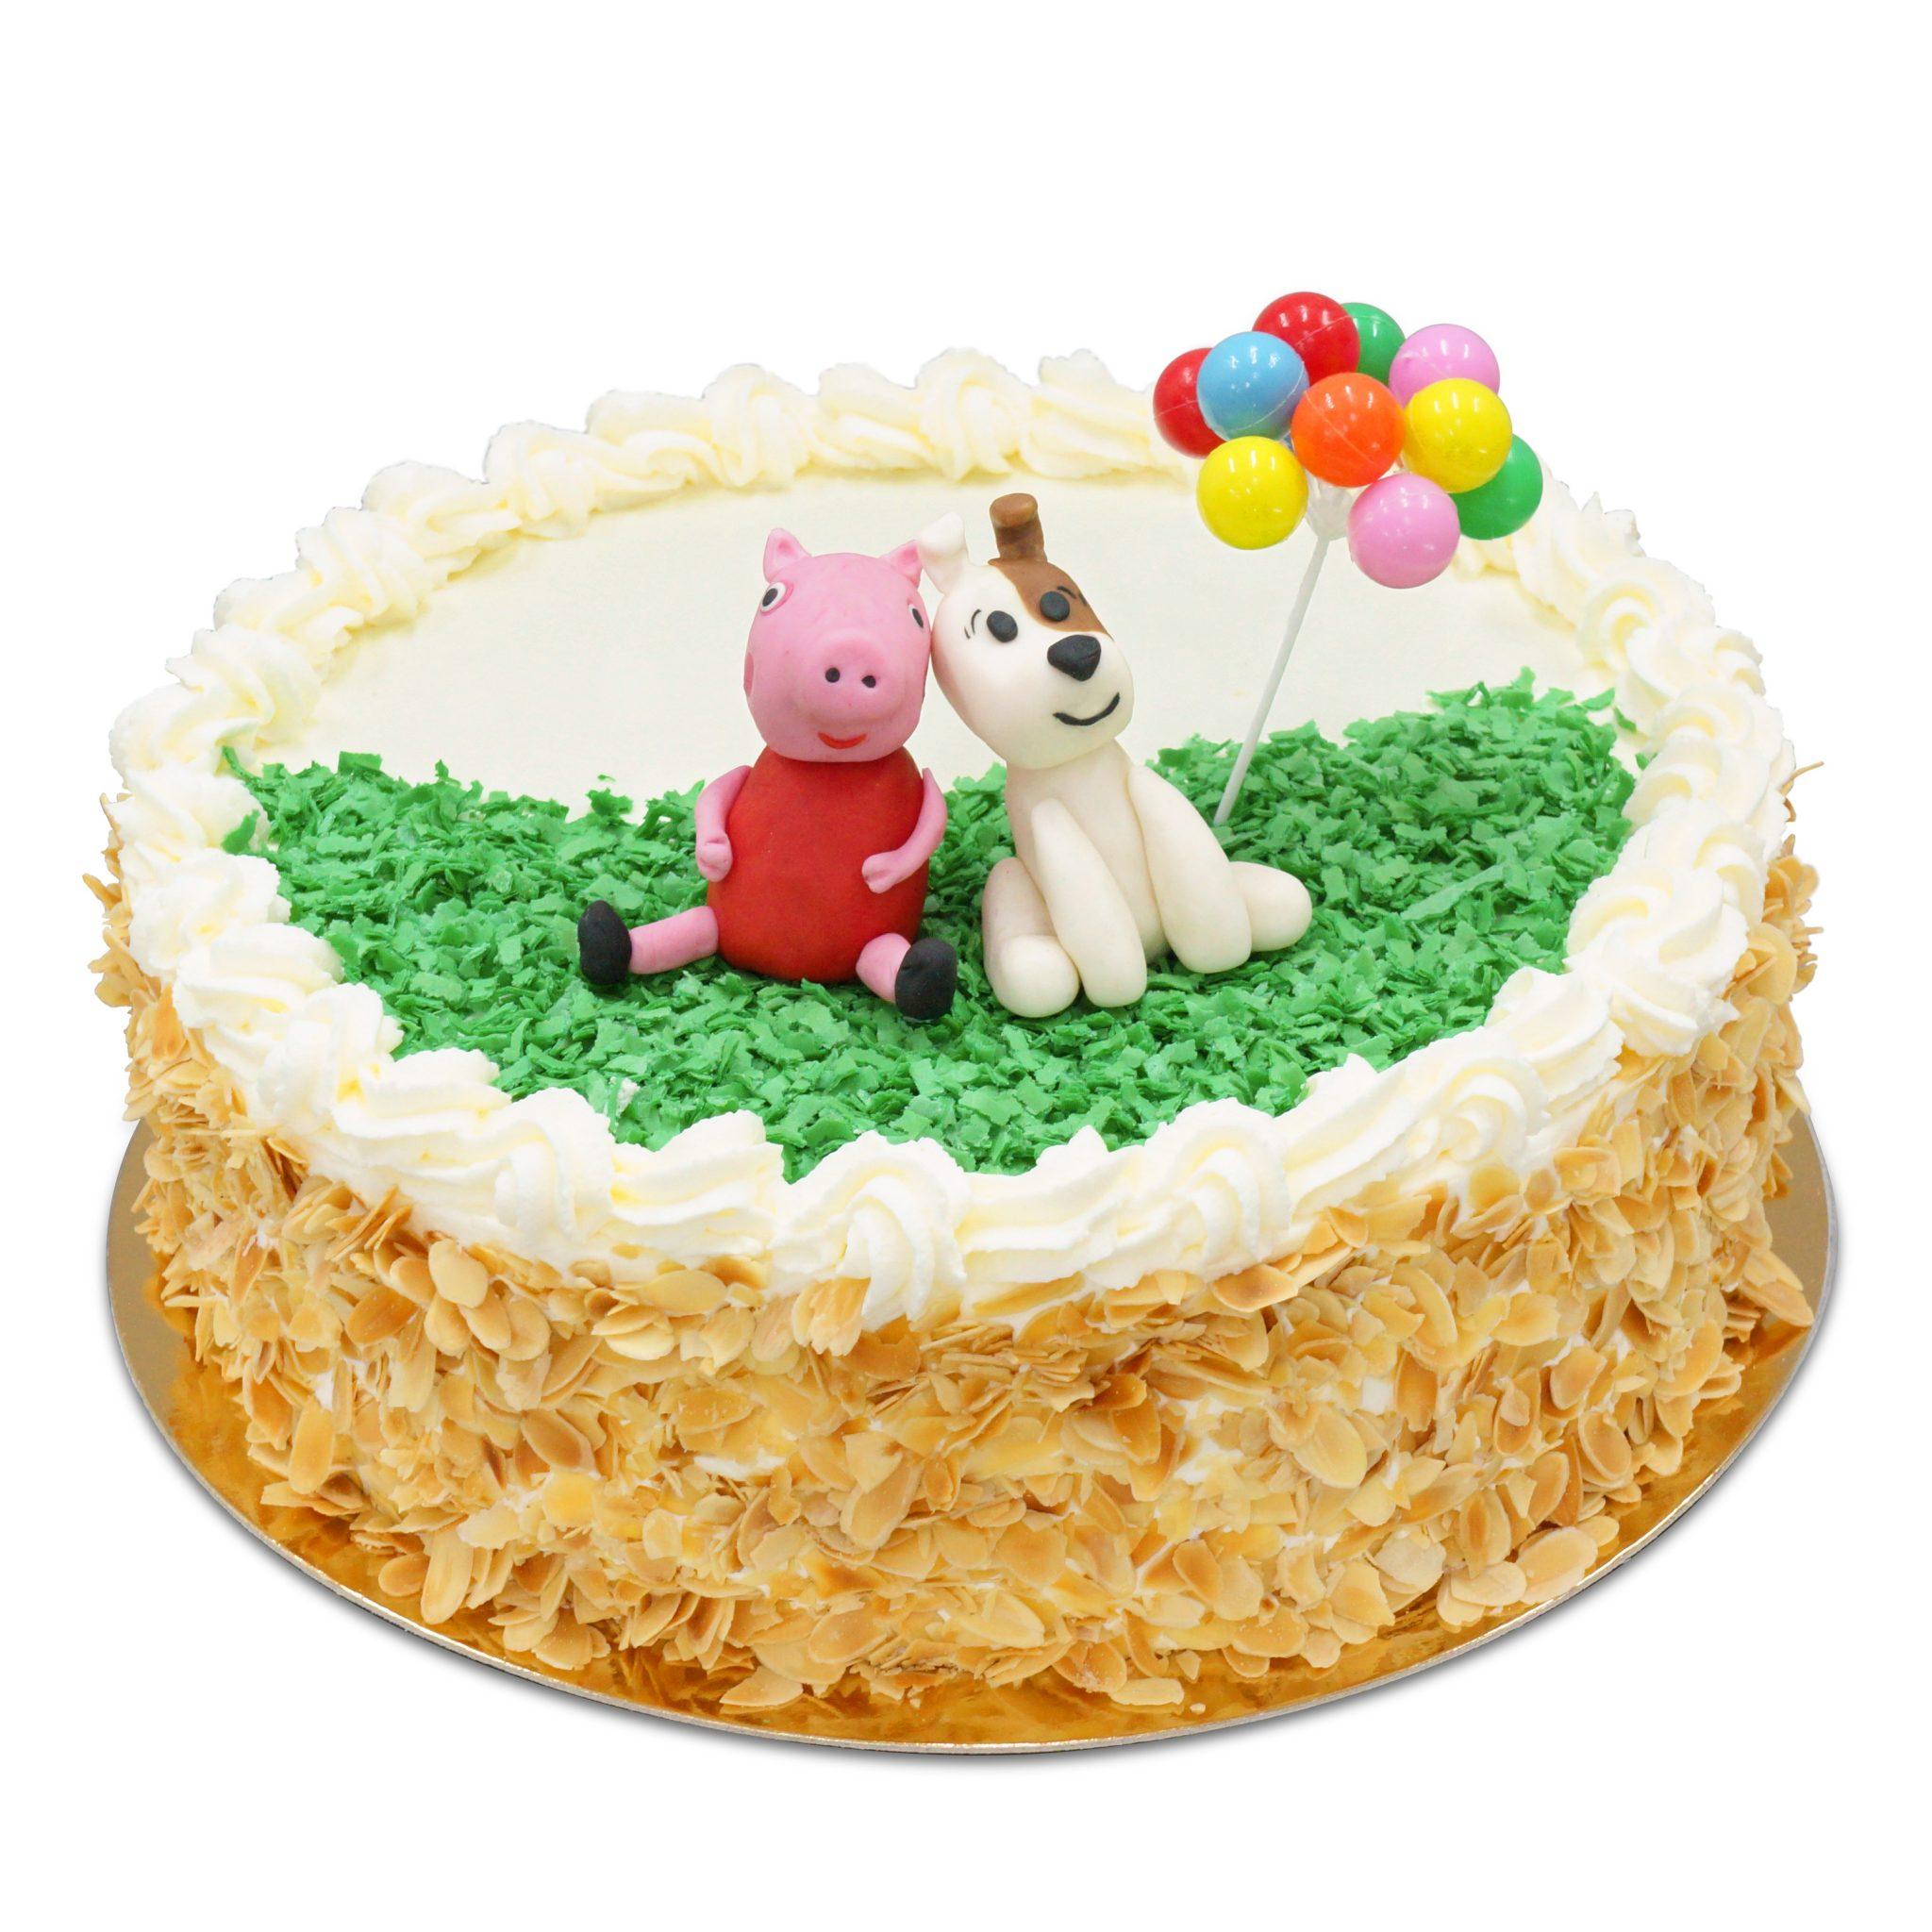 tort z figurką Reksia i Świnki Peppy